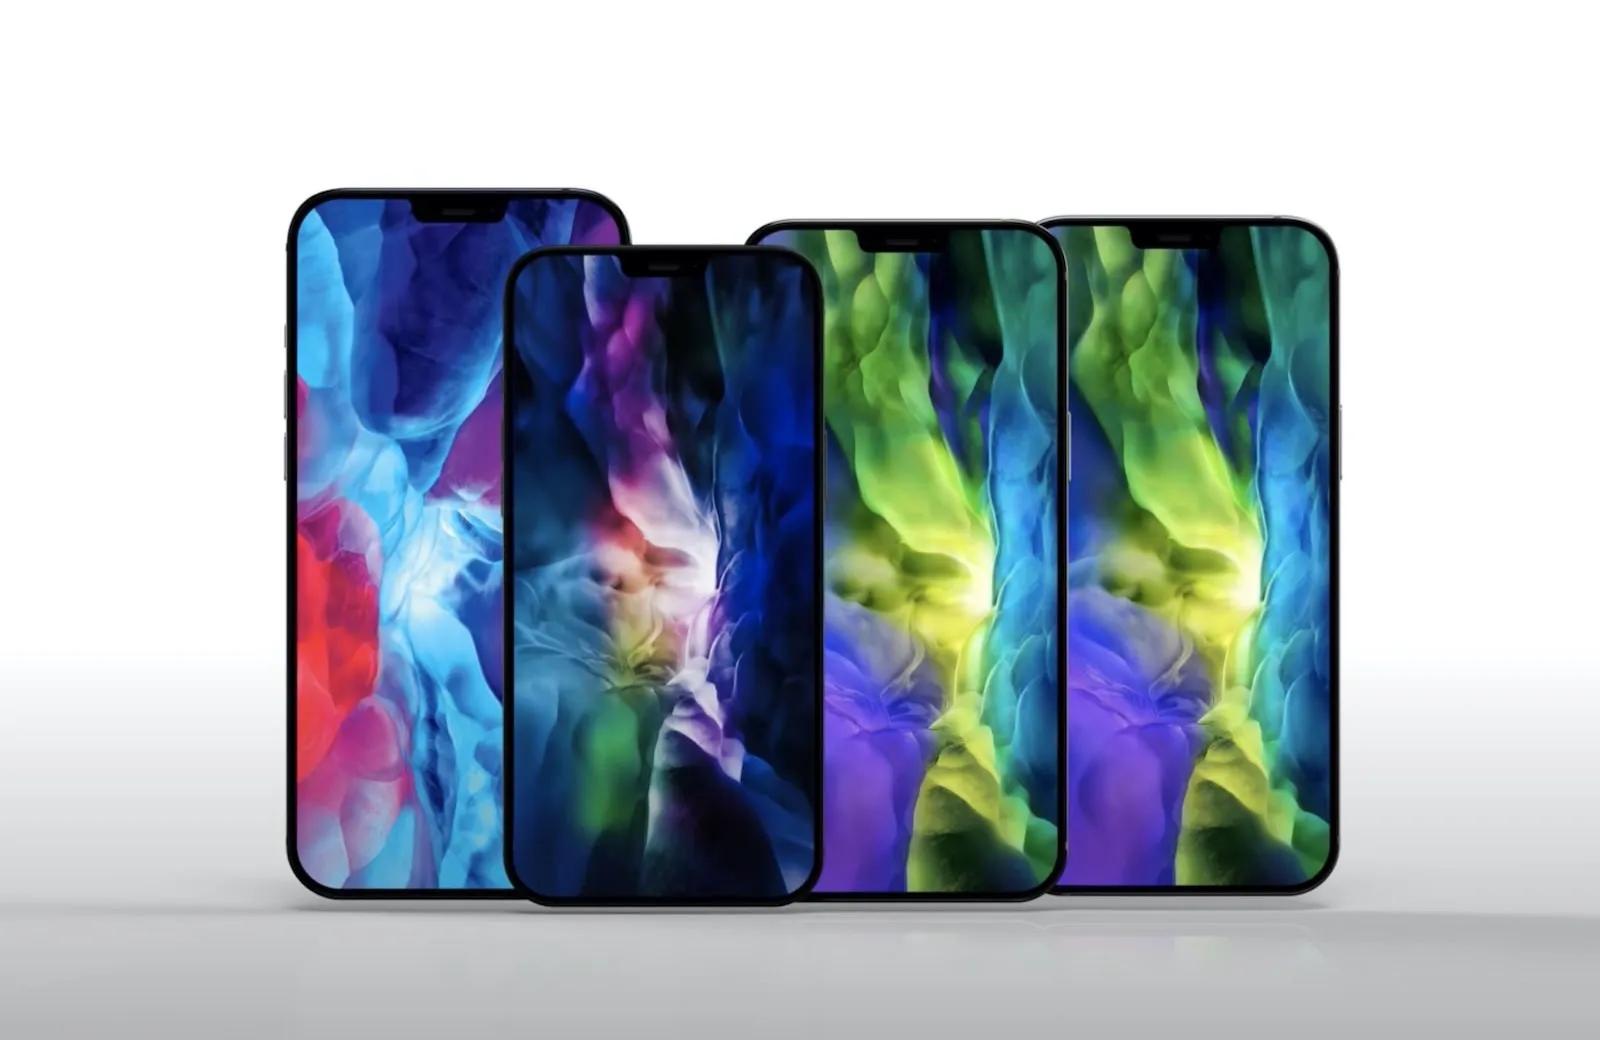 Apple今秋発表予定の新機種上位モデルに『5Gのミリ波+Sub6』搭載か?